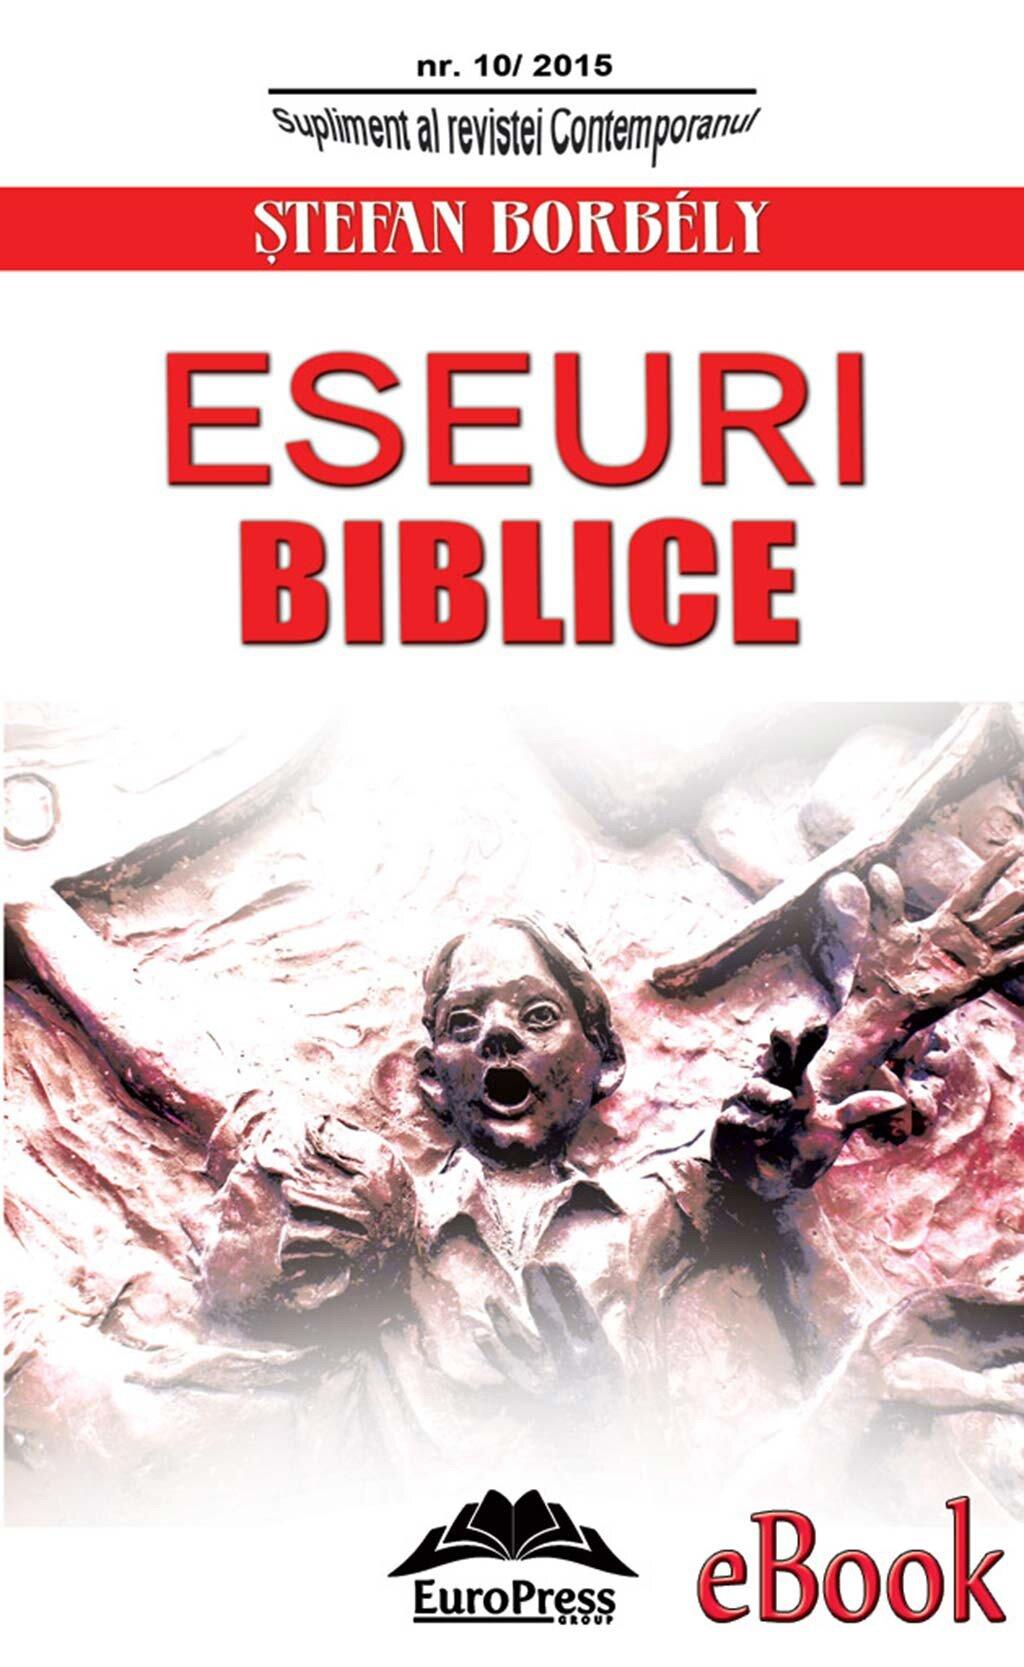 Eseuri biblice PDF (Download eBook)